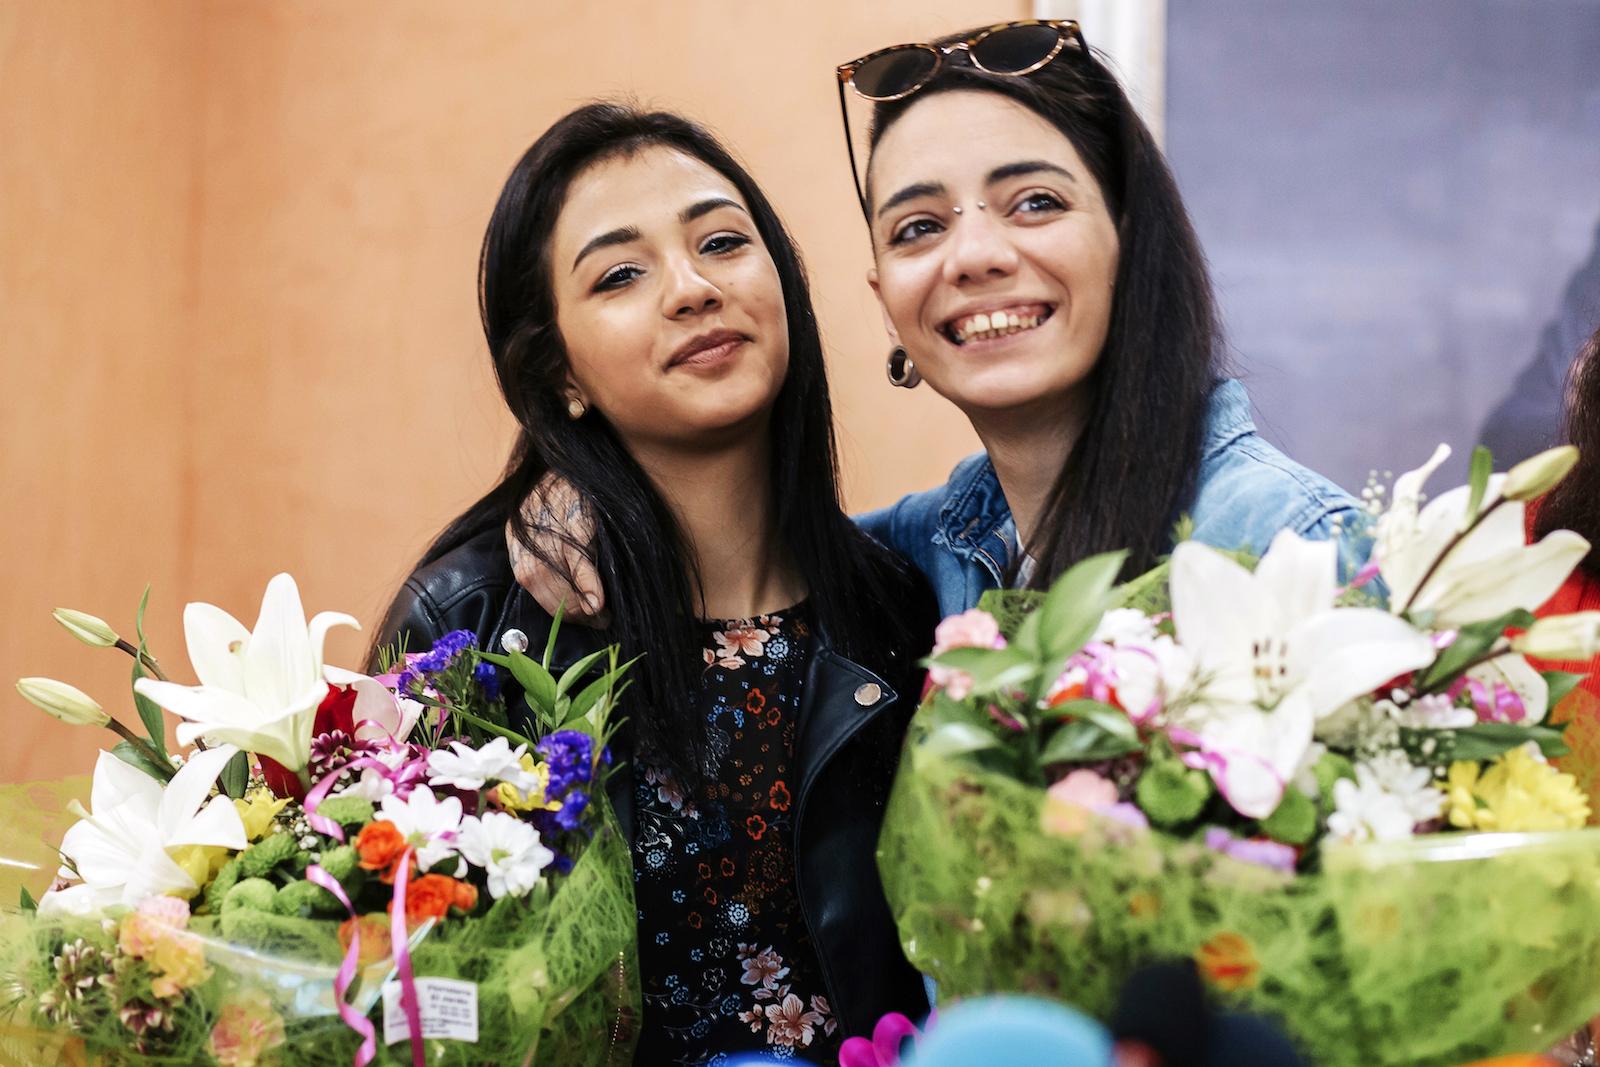 ხიმენა რიკო და შაზა ისმაილი დაქორწინებას აპირებენ © EPA/CARLOS DIAZ